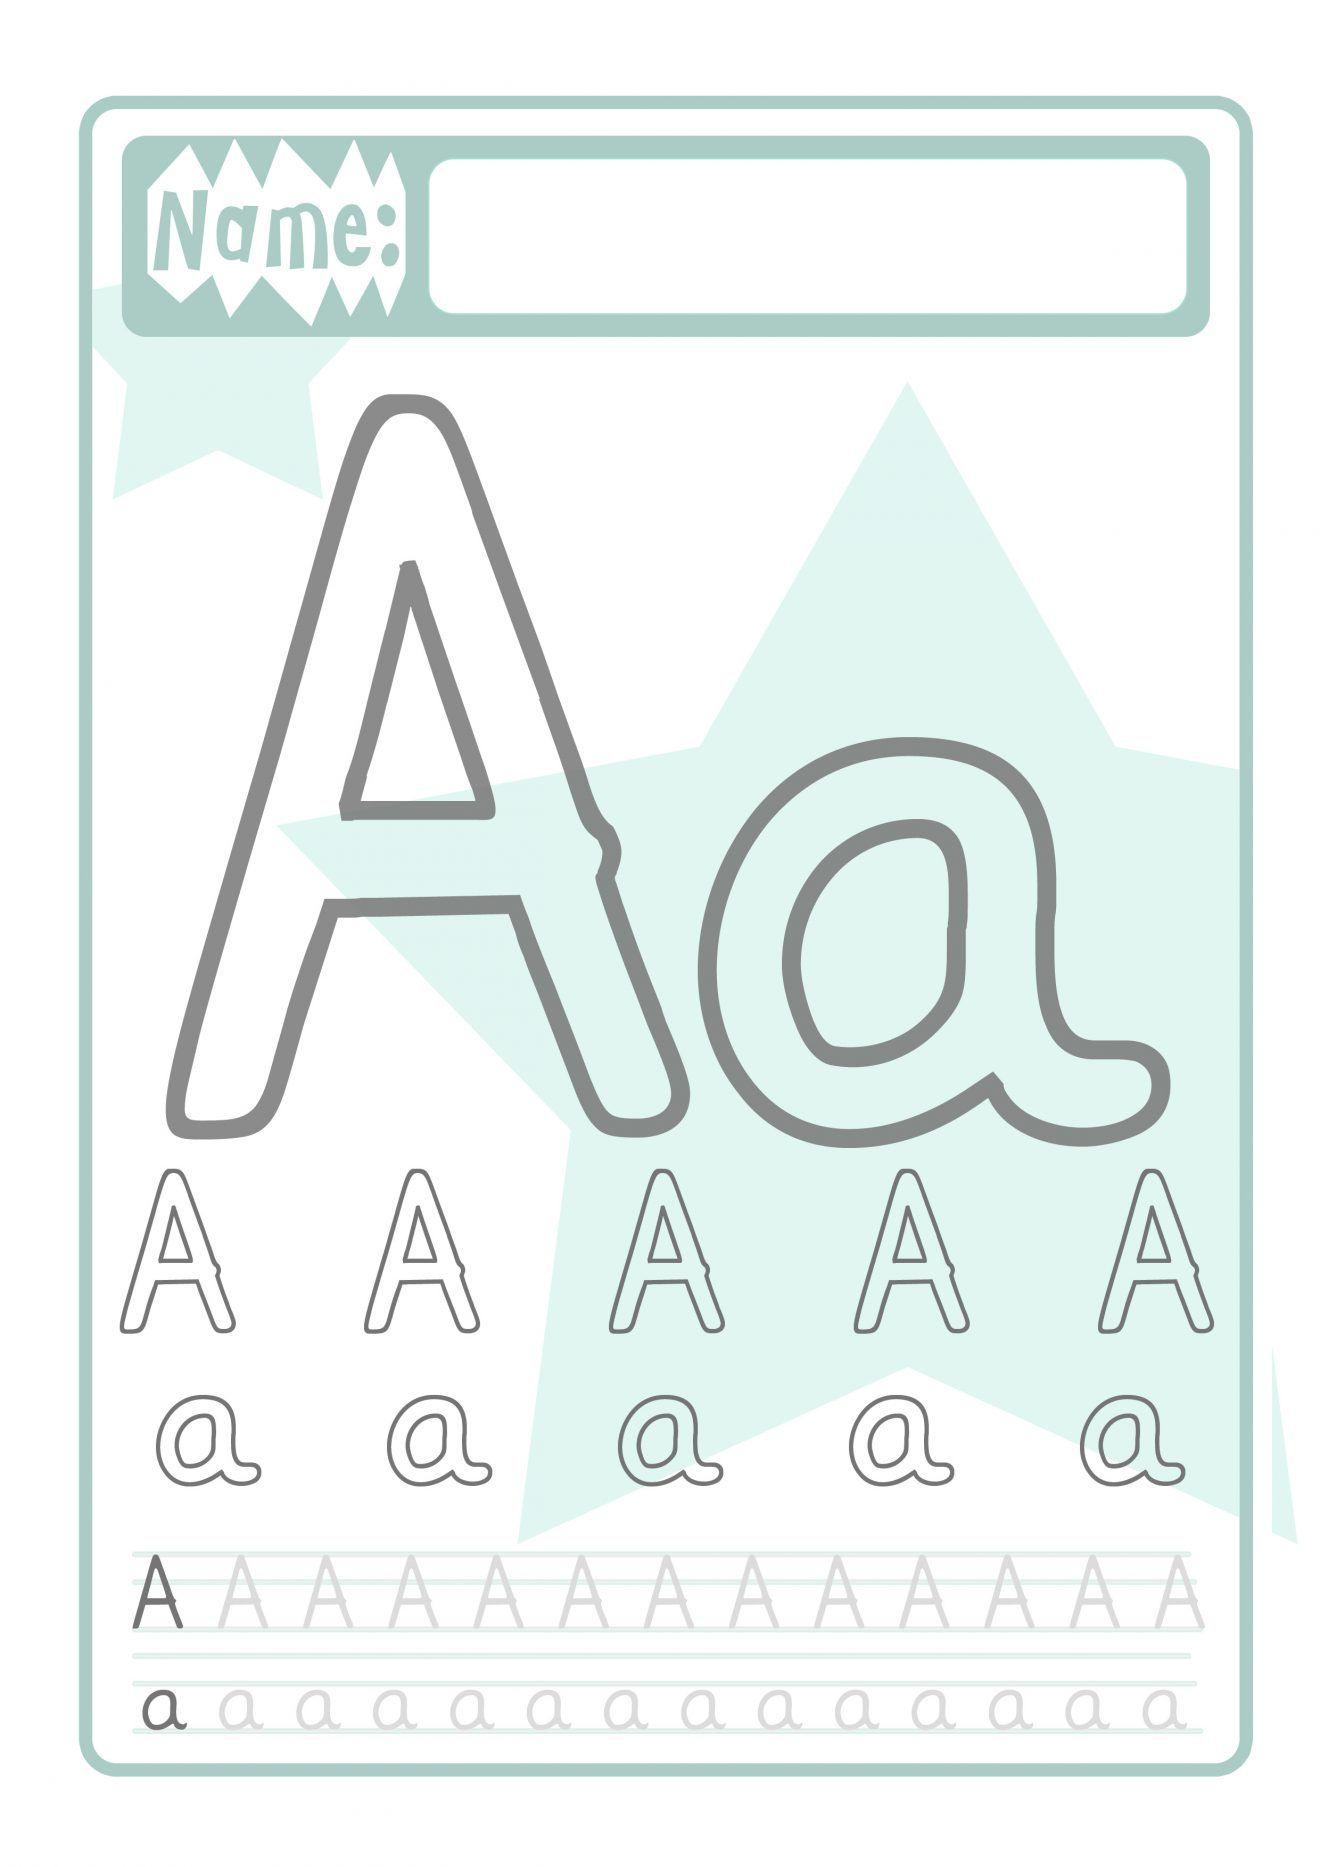 Buchstaben Druckvorlage für Kinder | Ideen Grundschule | Pinterest ...